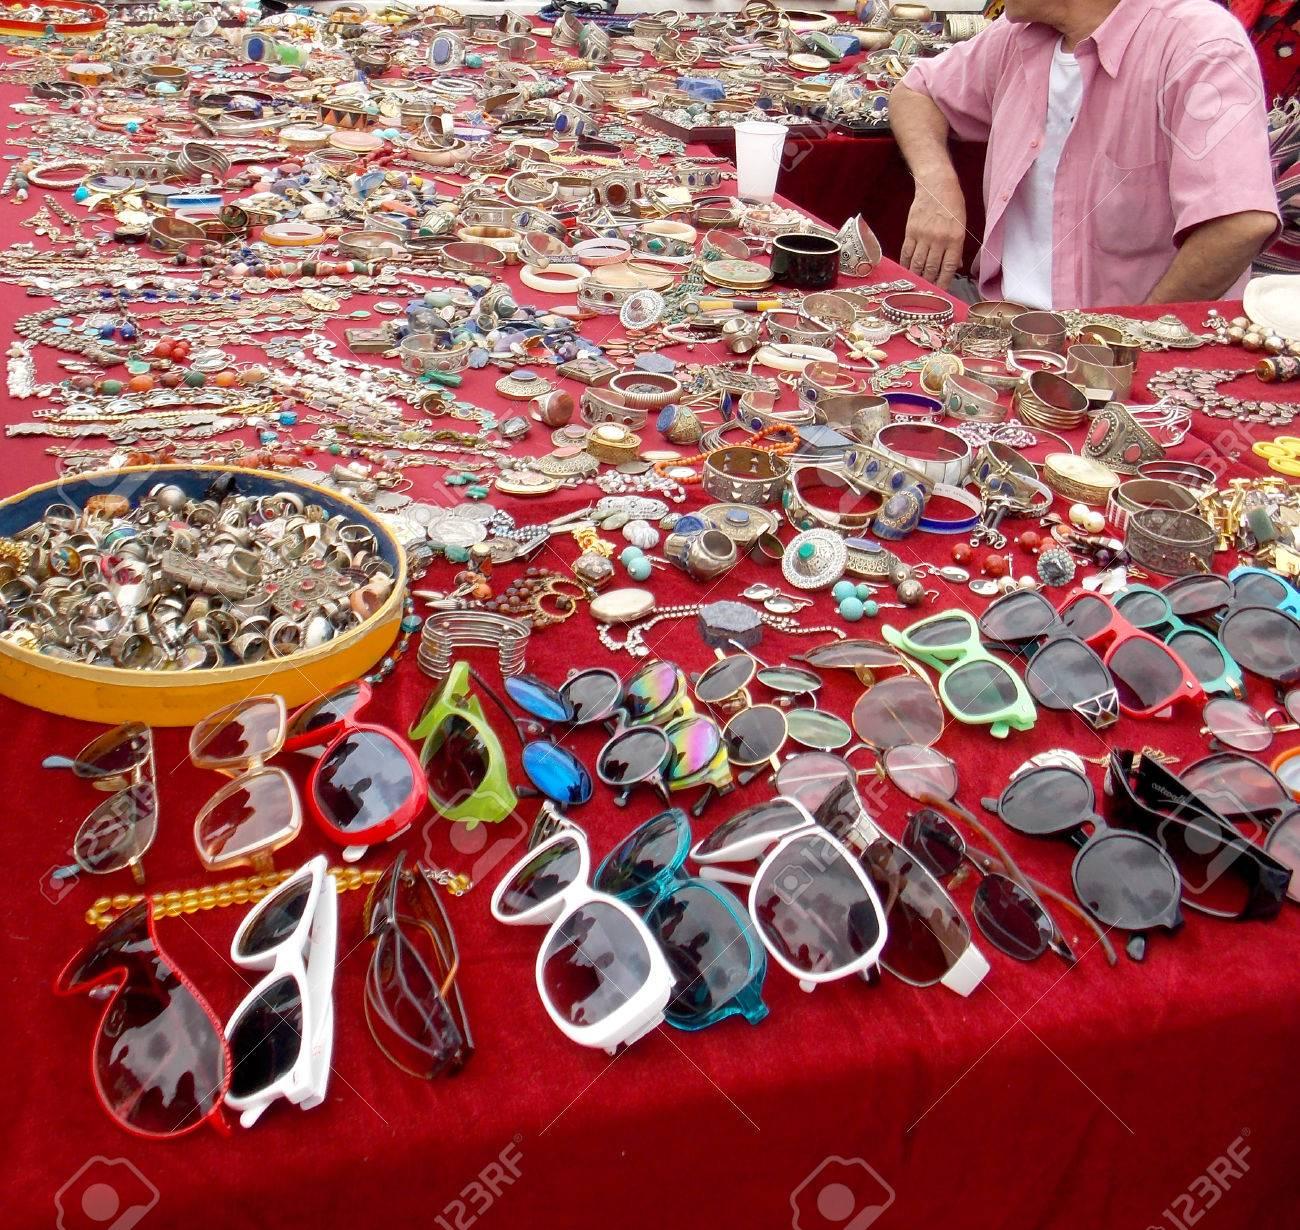 b2813fed3bb5 Foto de archivo - Venta de bisutería y gafas en el mercado de pulgas